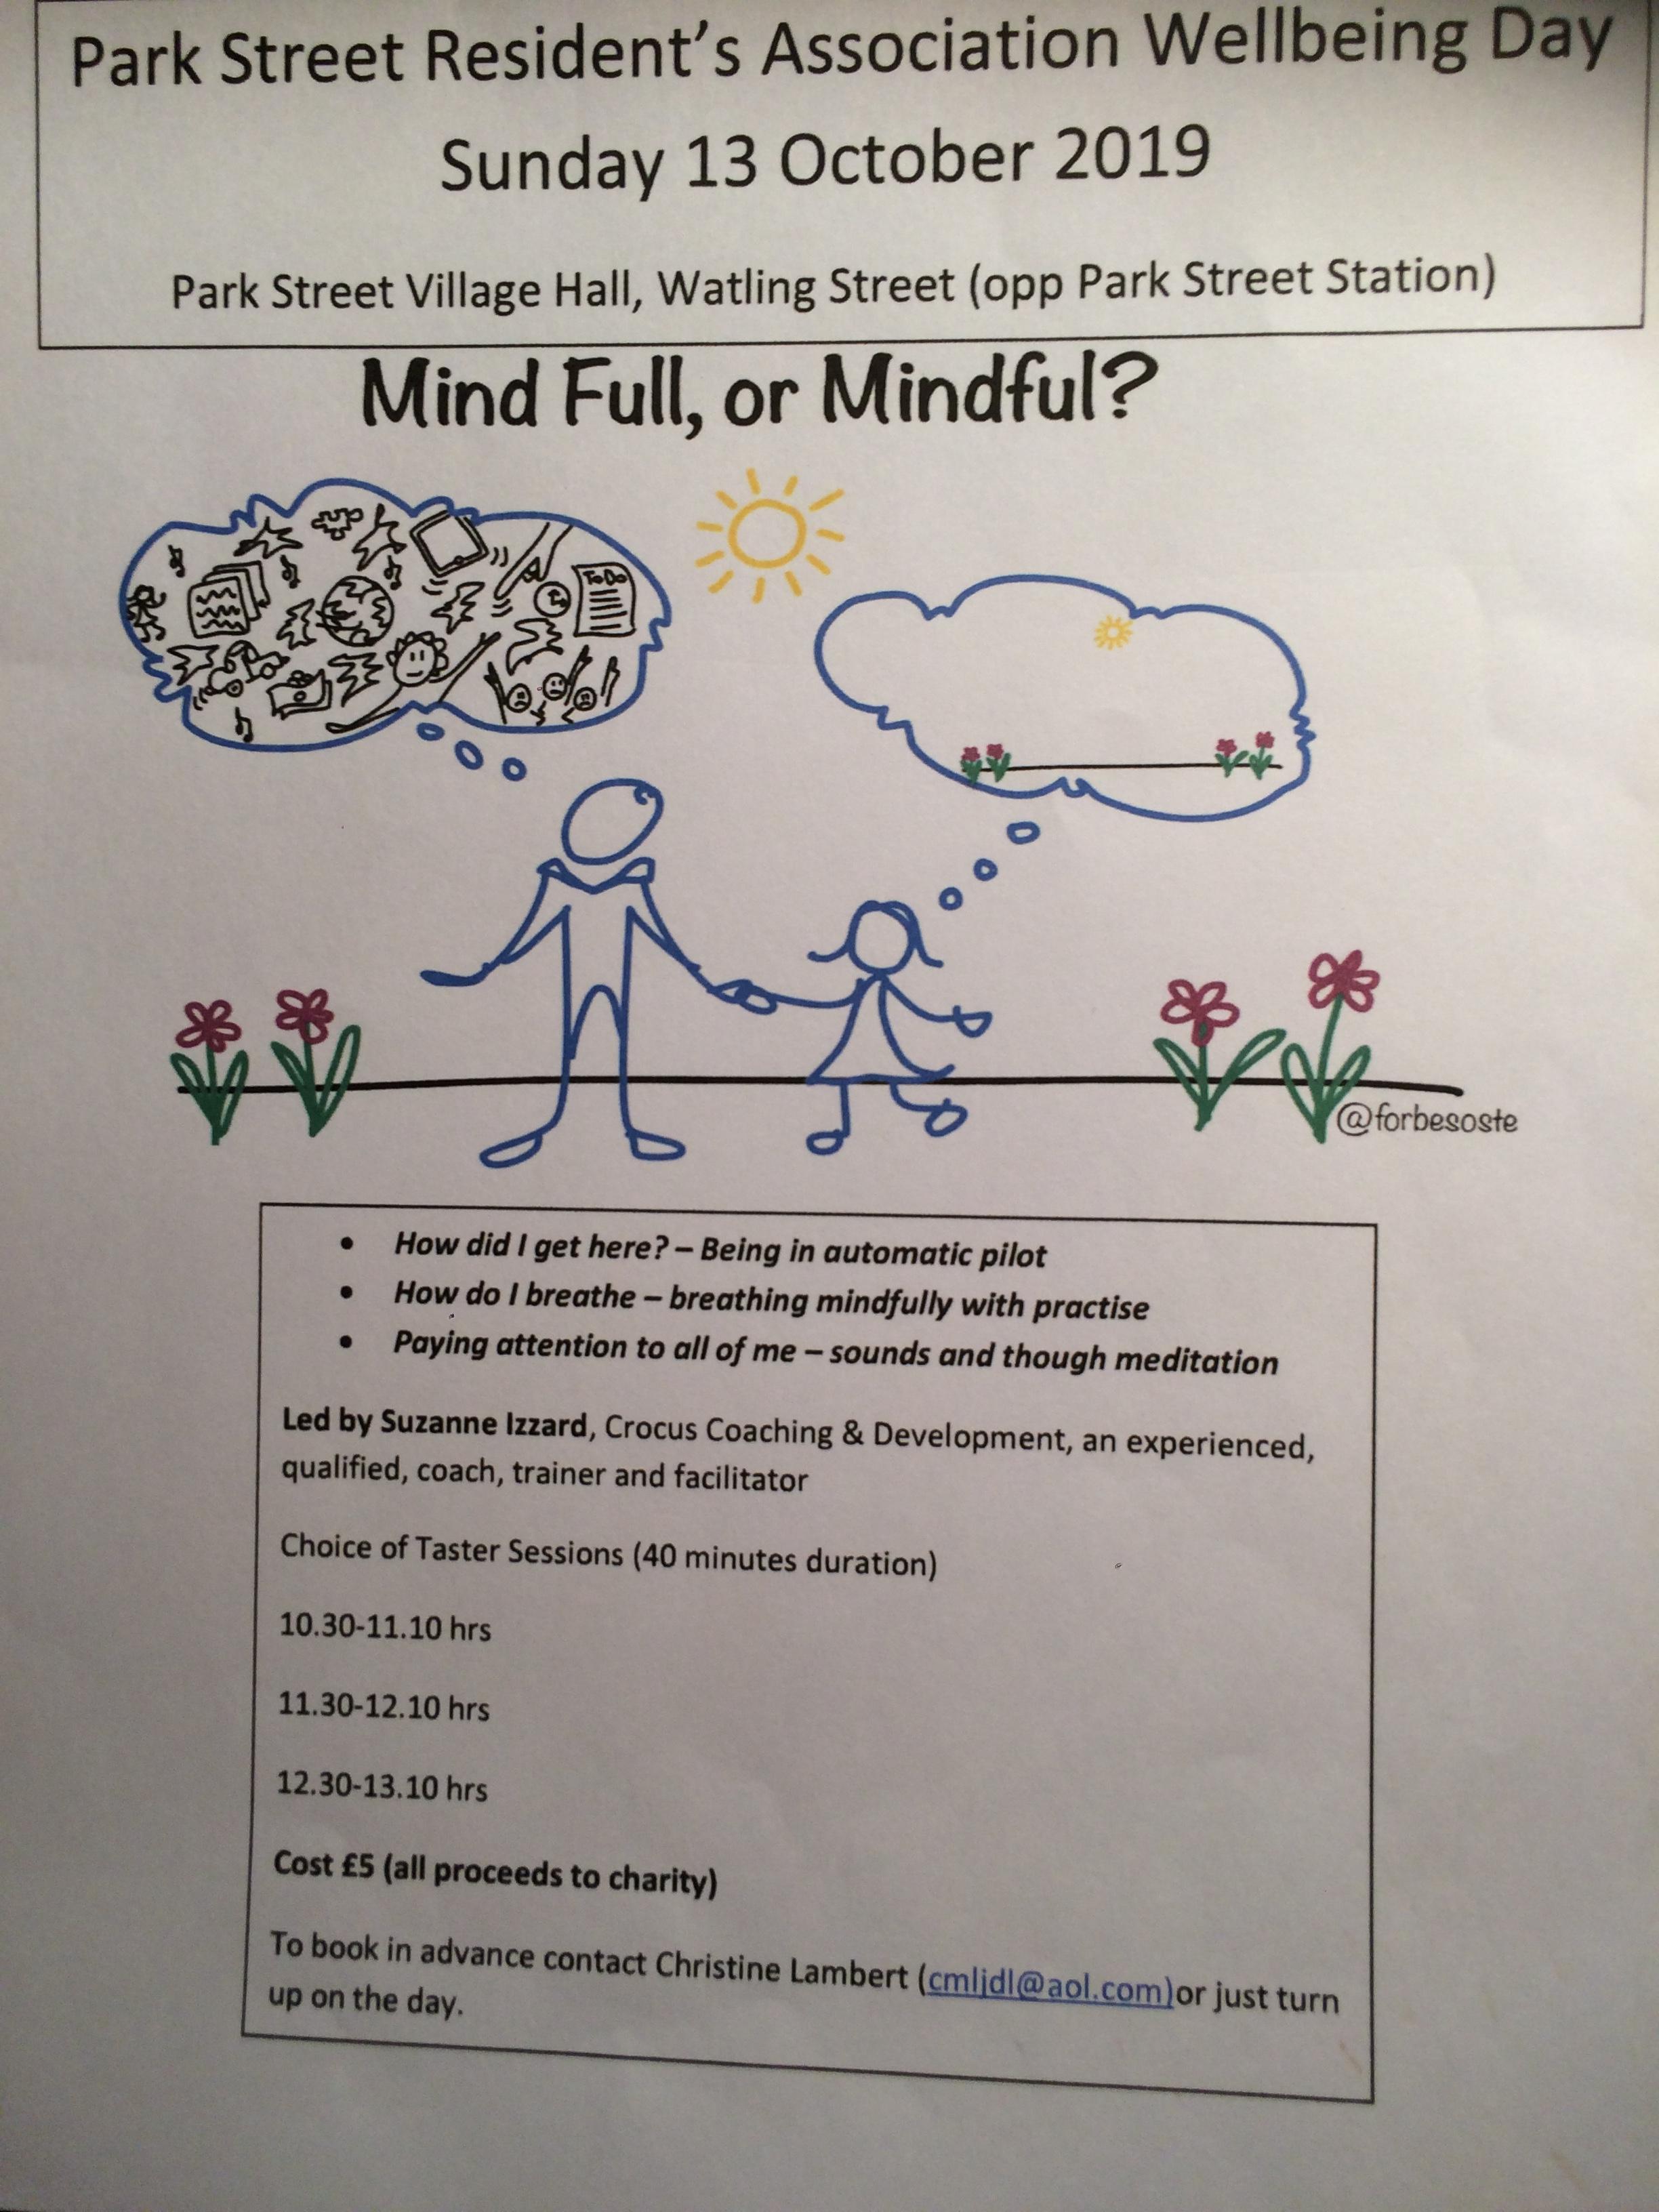 Mindull, or Mindful?